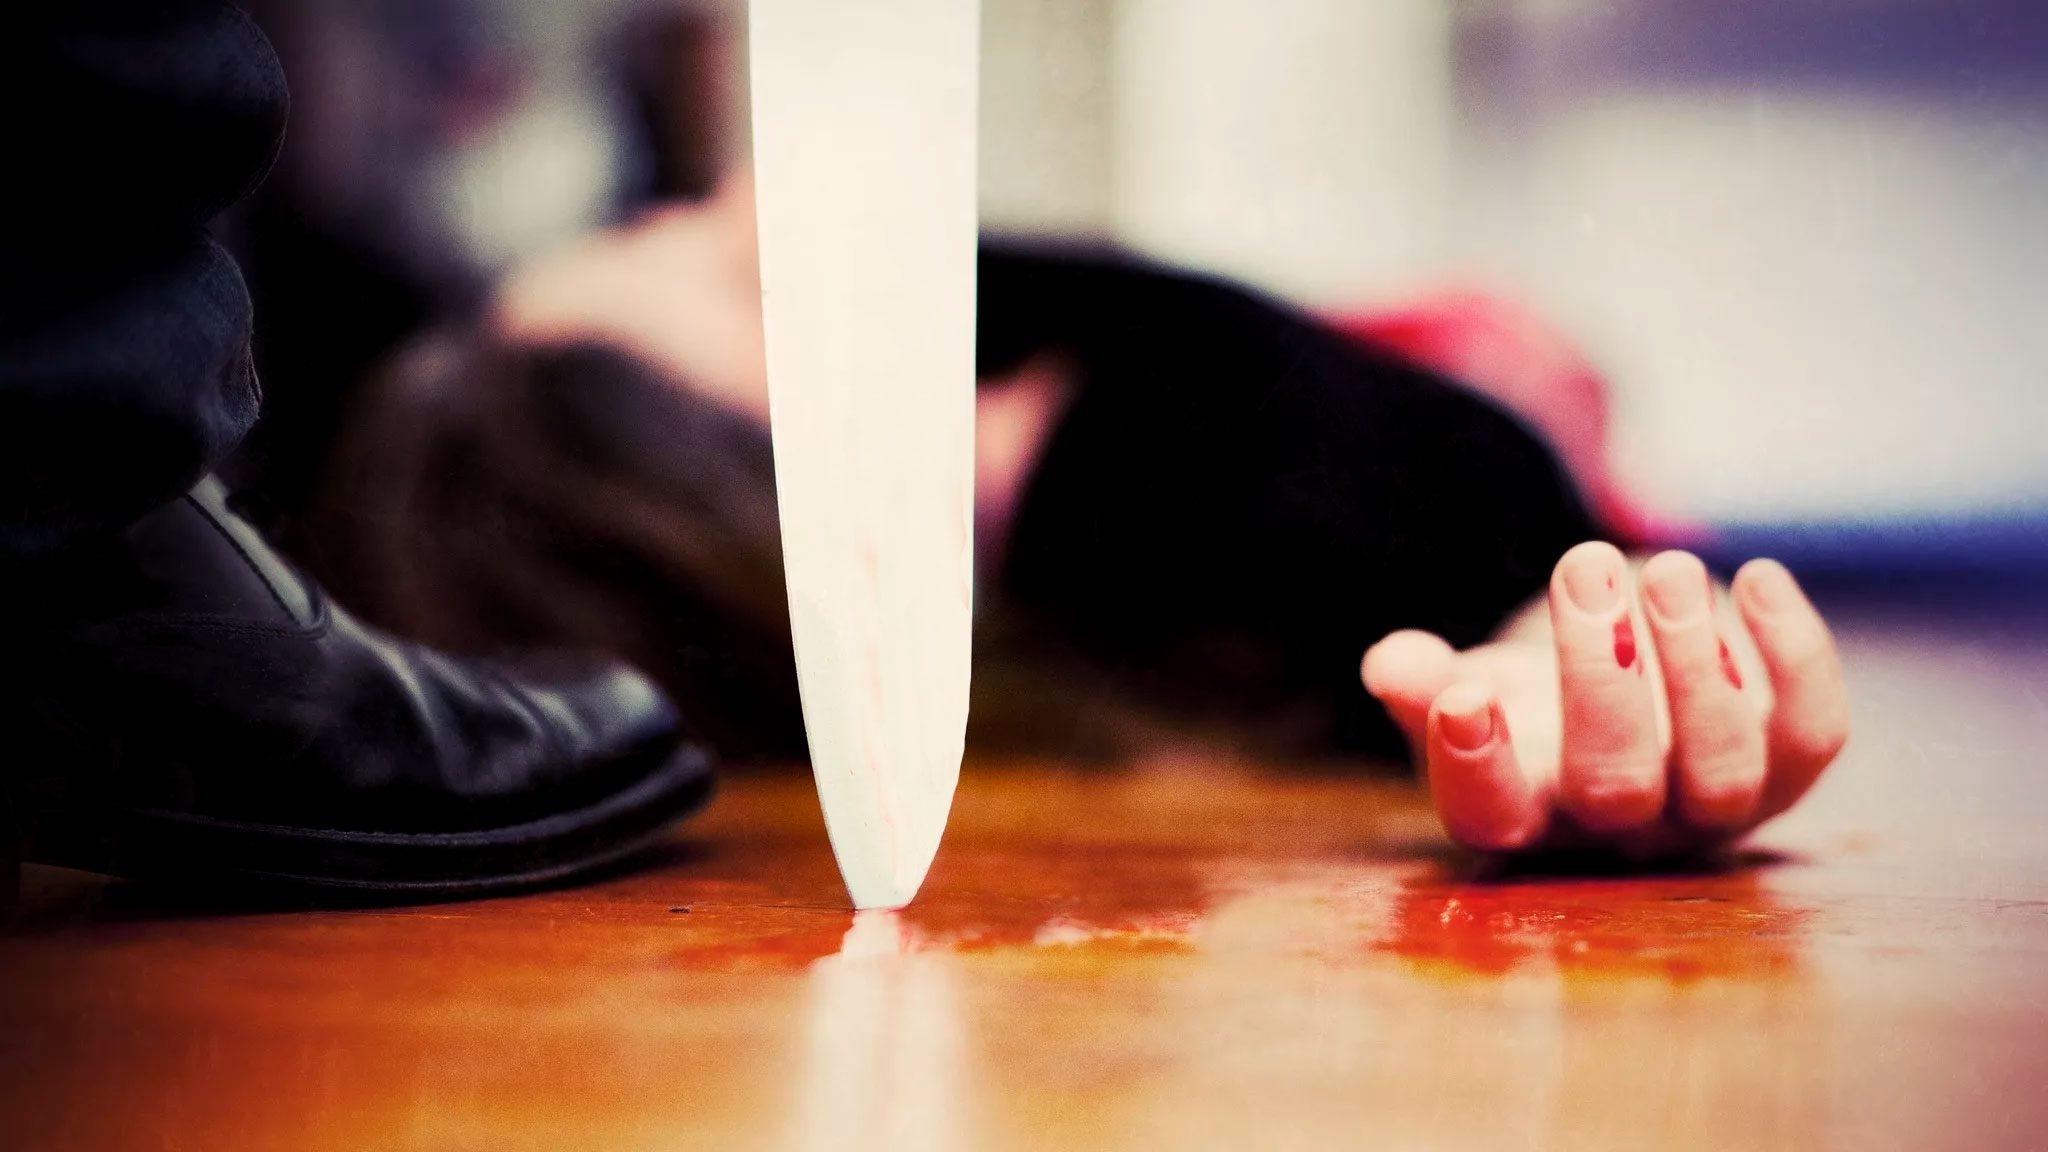 Azərbaycanda 8-ci sinif şagirdinin başı kəsilib? – Nazirlikdən AÇIQLAMA